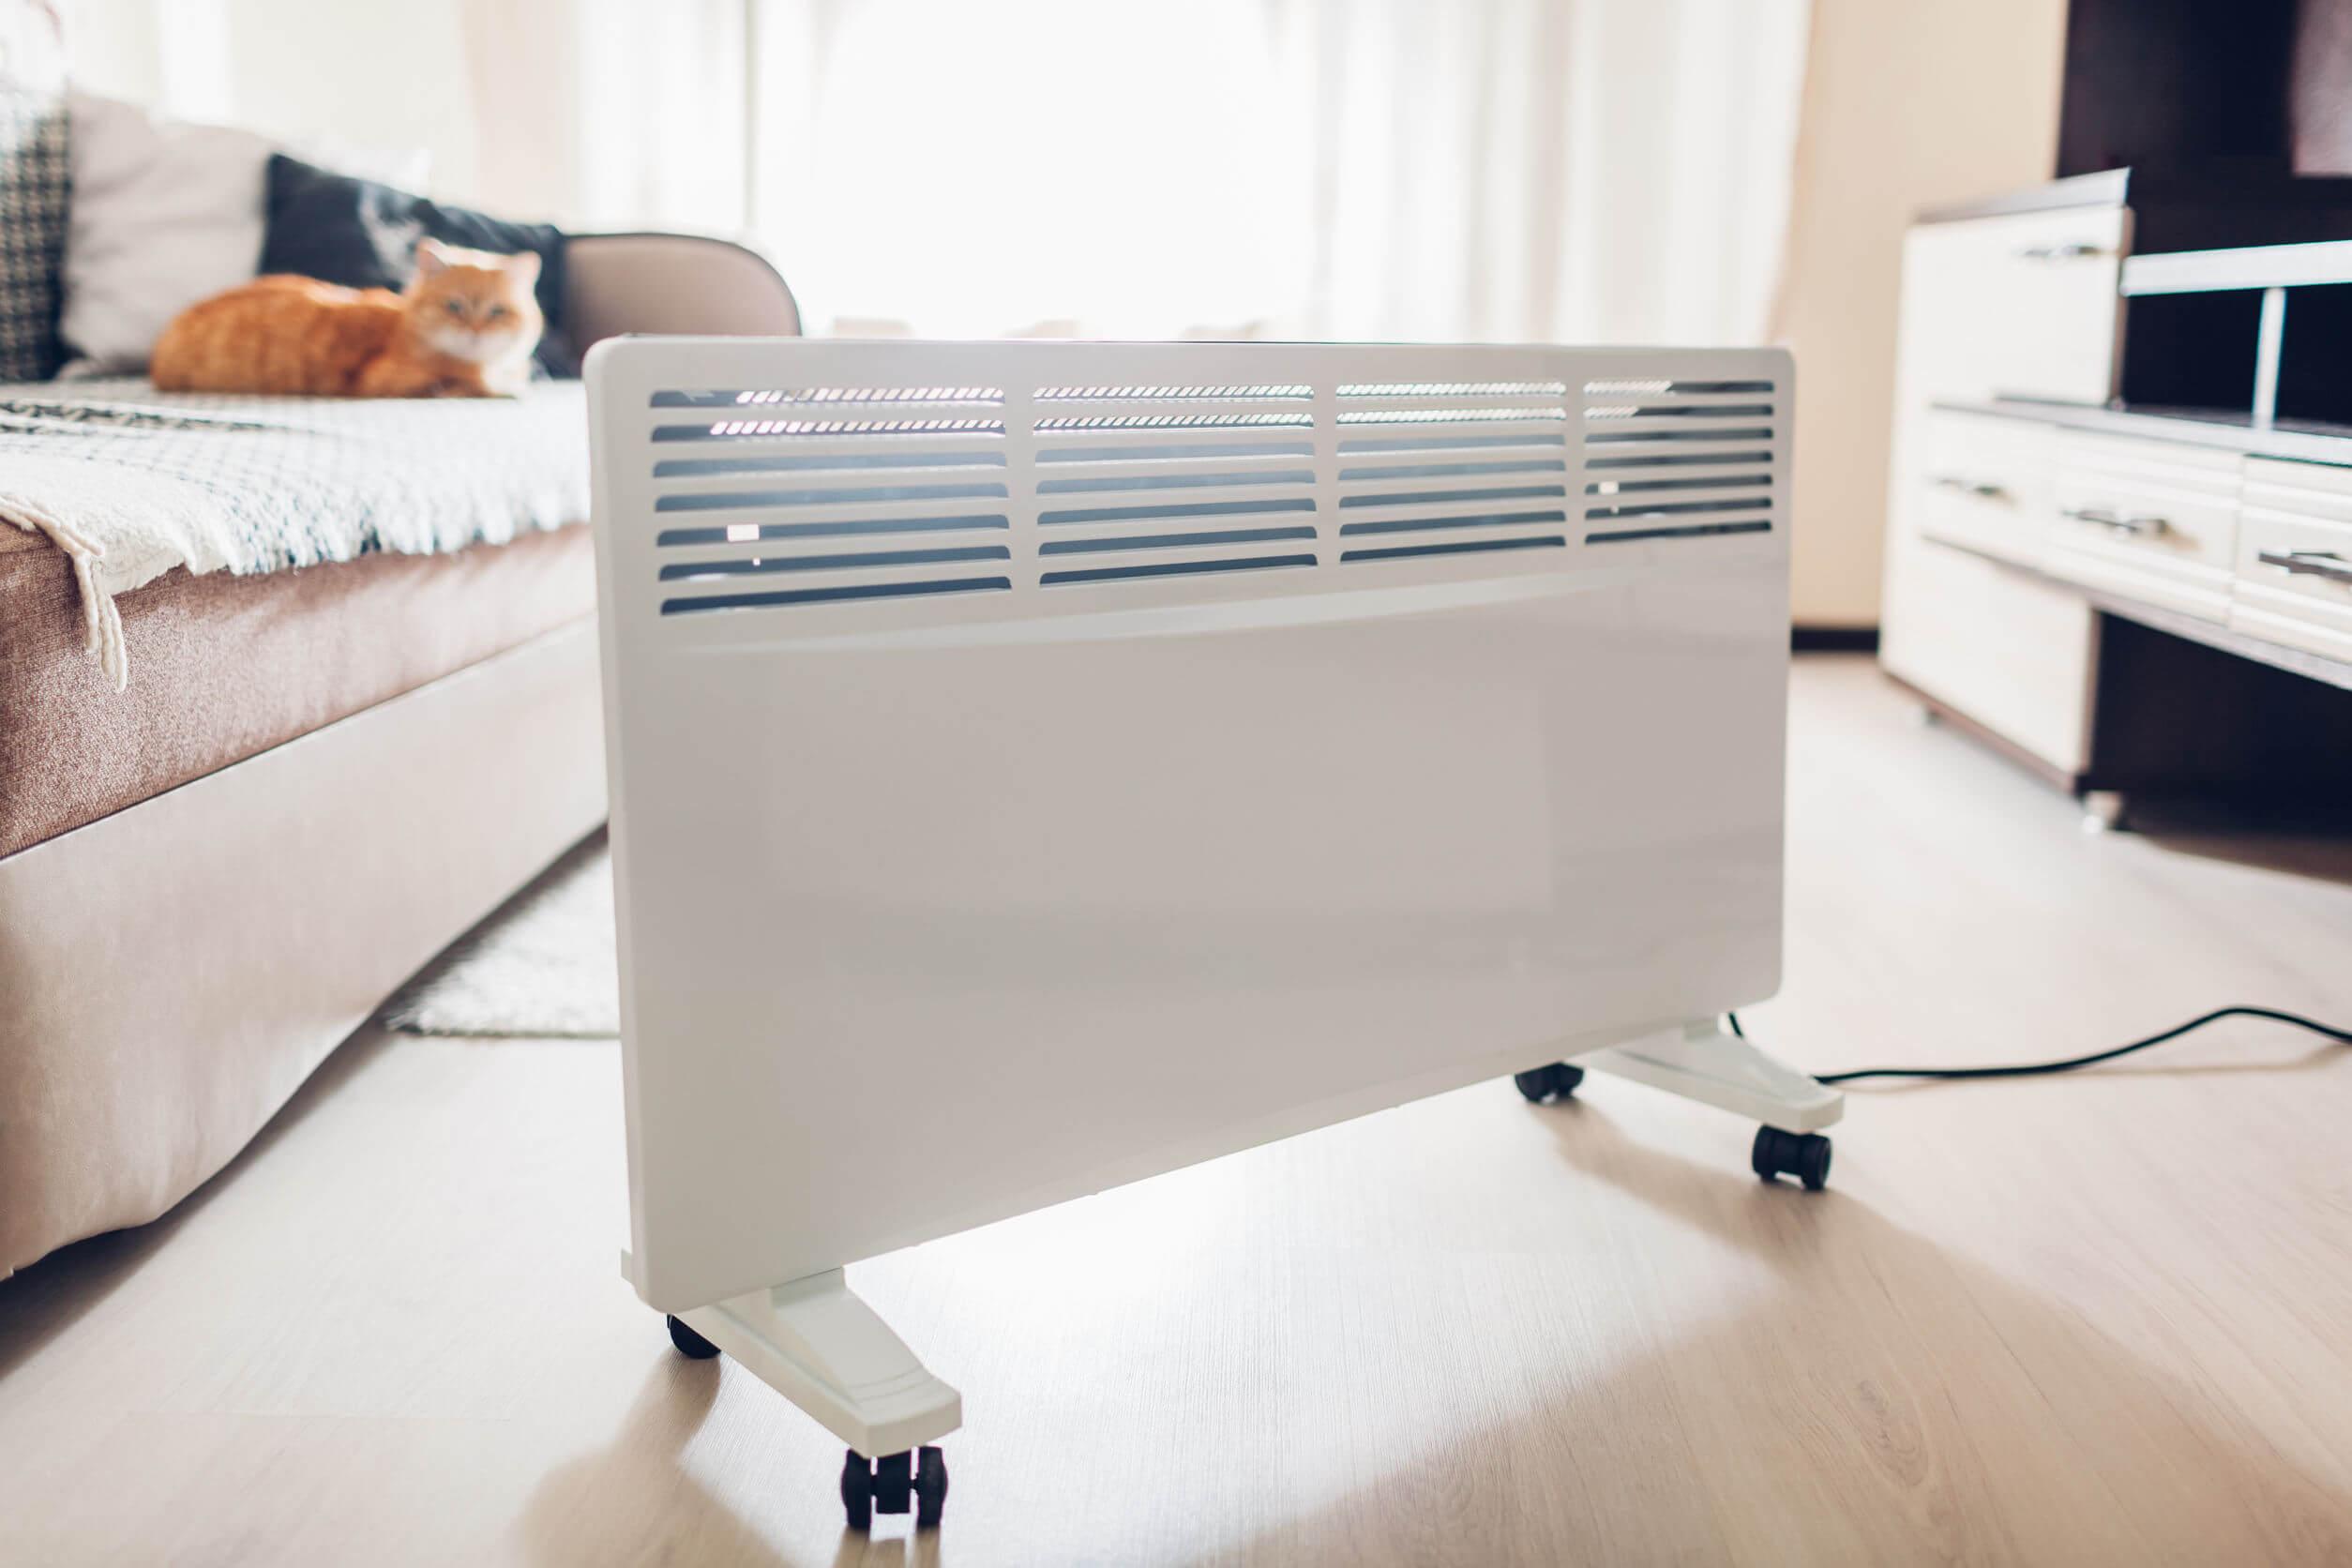 Para dormir cuando hace frío es necesario ajustar la calefacción.